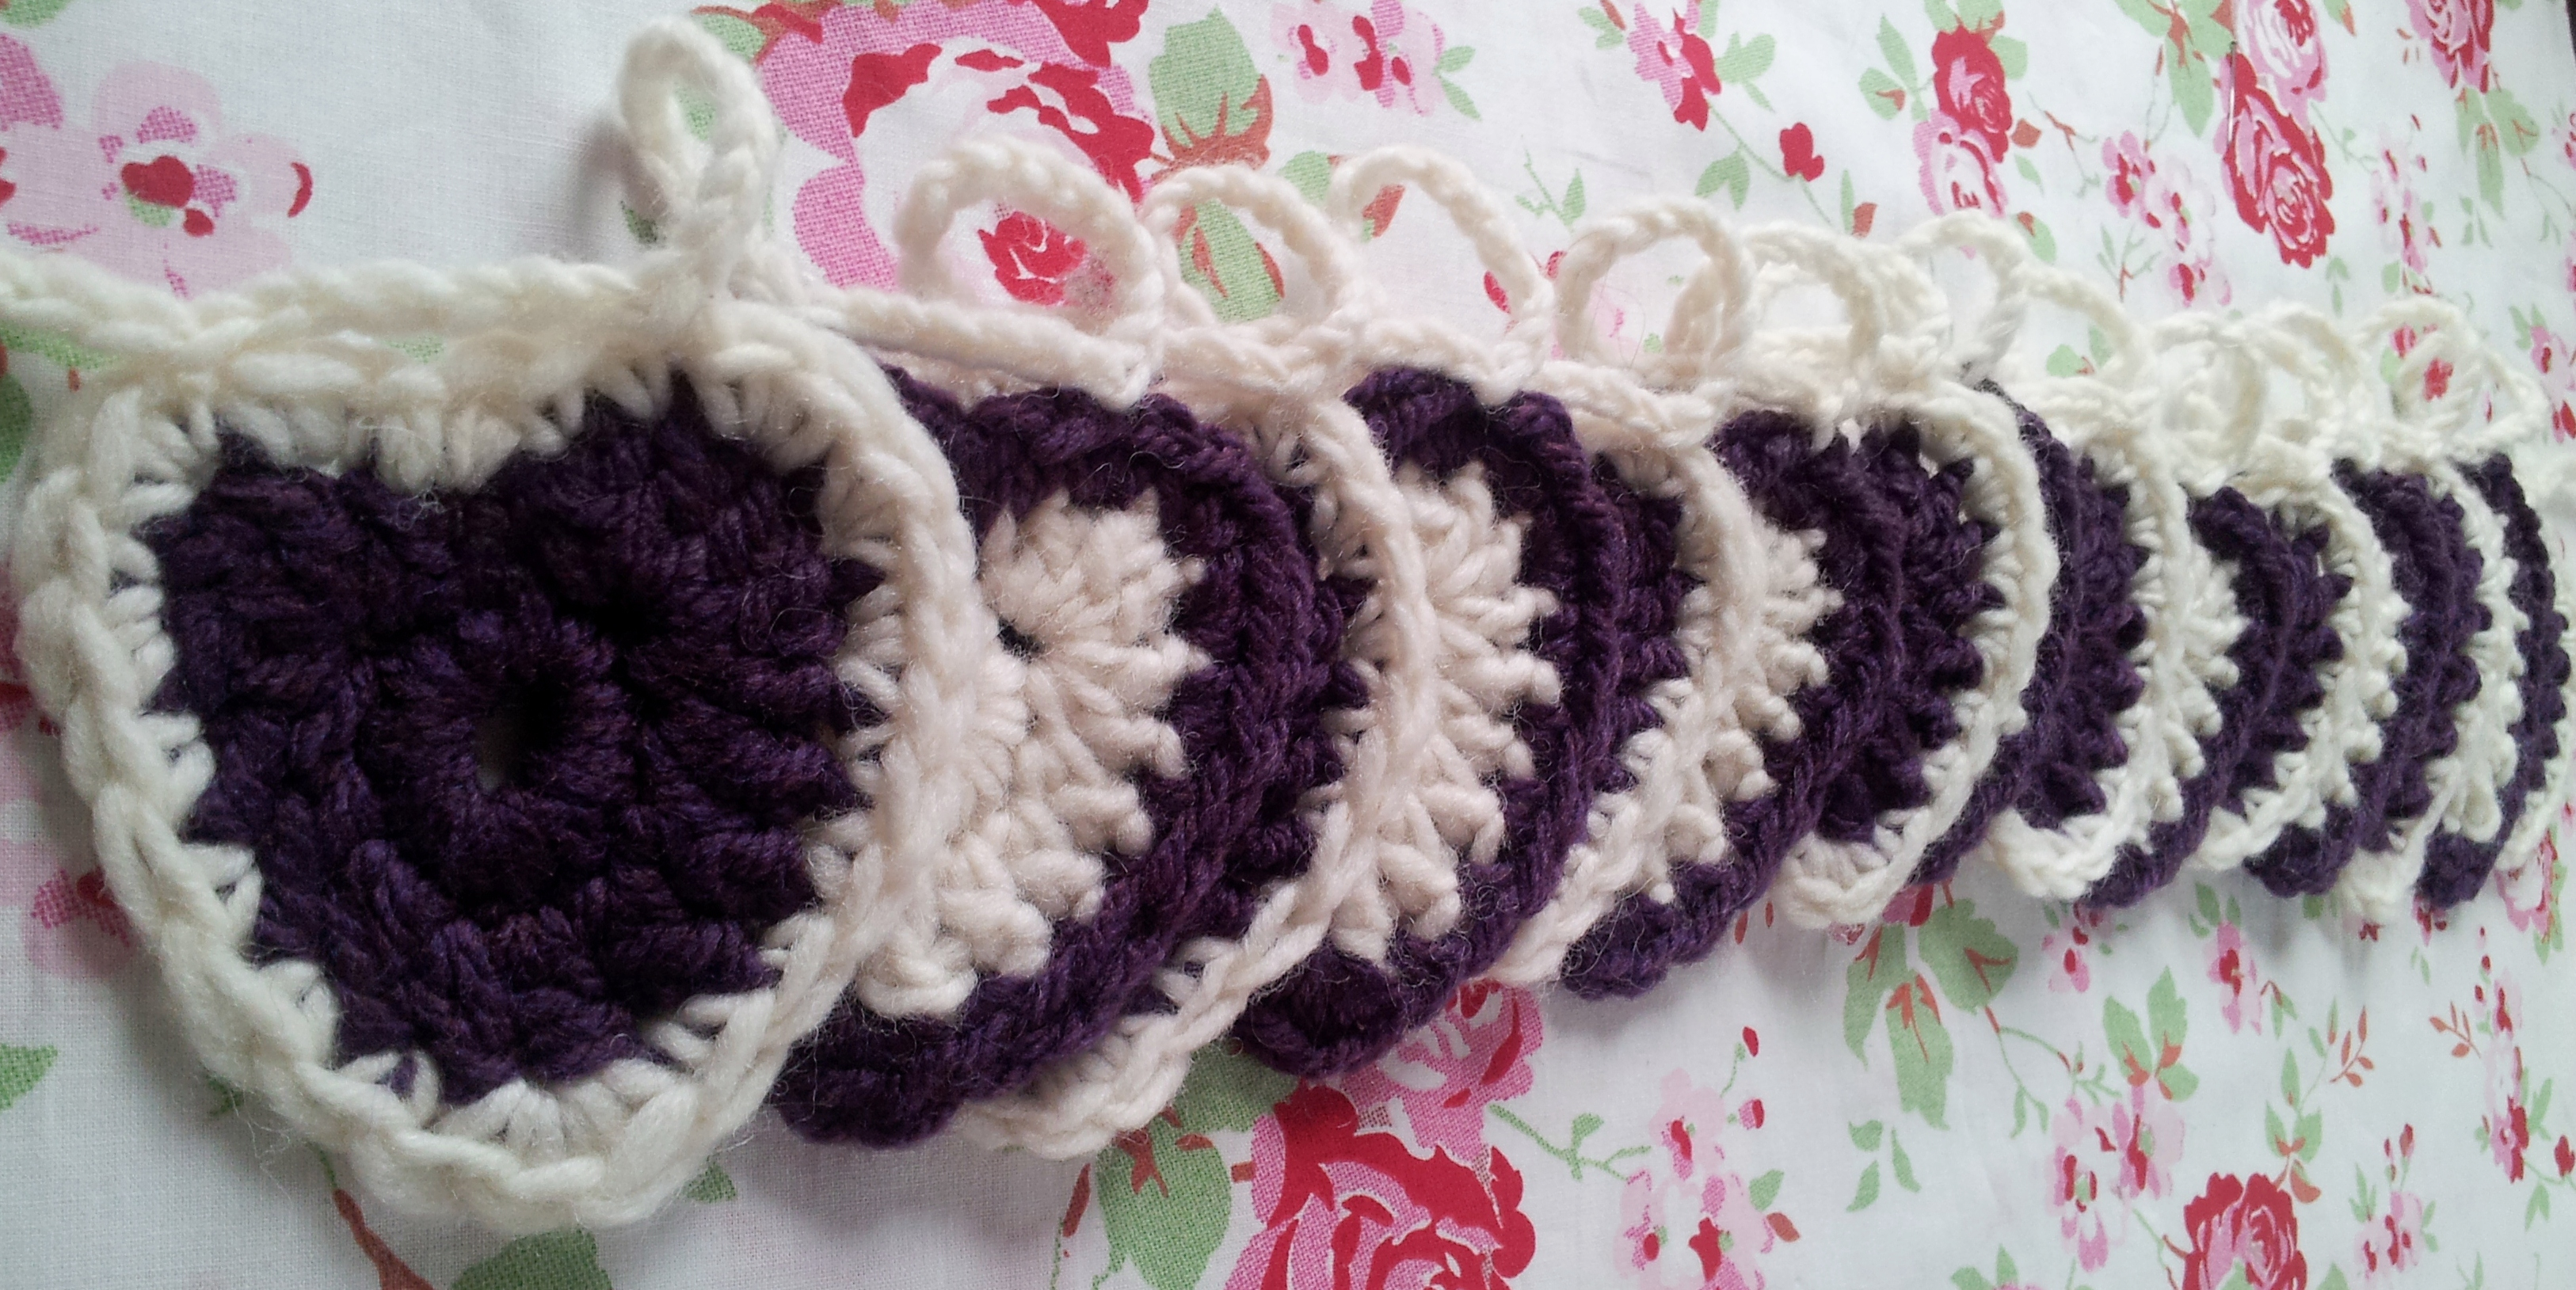 Crochet Heart Patterns For Beginners : Beginners Crochet Hearts ? Free Pattern thestitchsharer